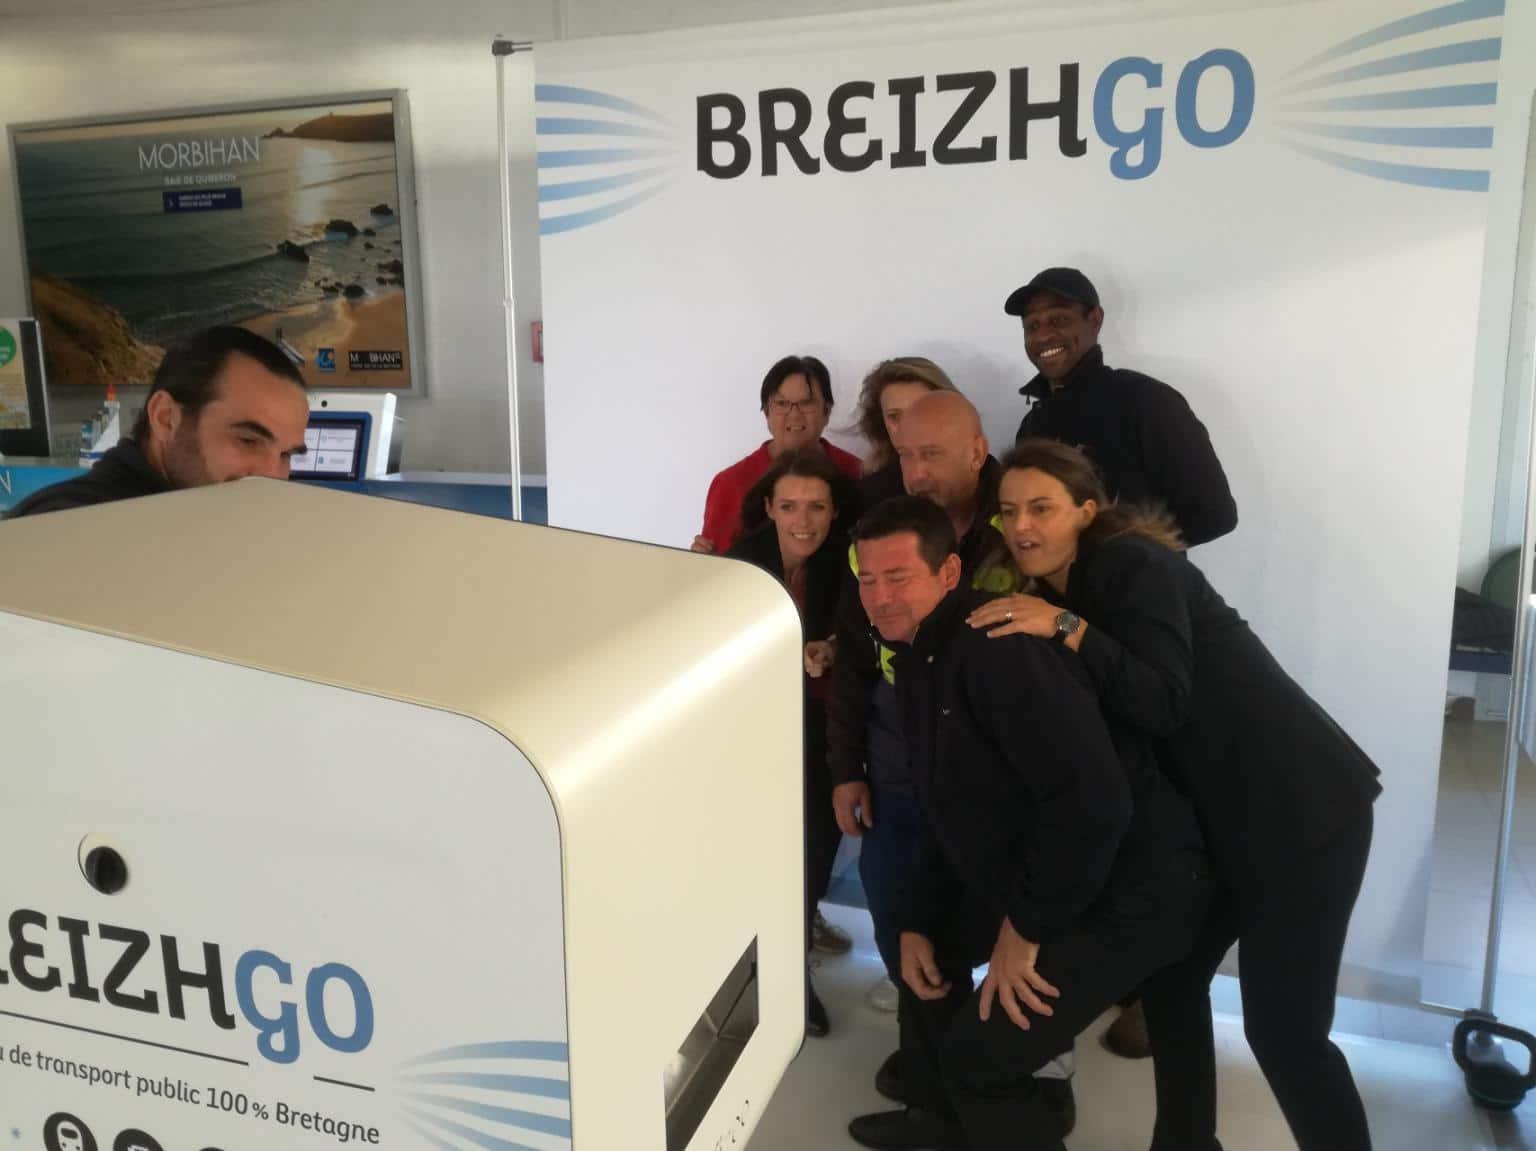 Borne photo avec animation photocall au lancement officiel 2018 de la marque Breizhgo à Lorient dans le Morbihan